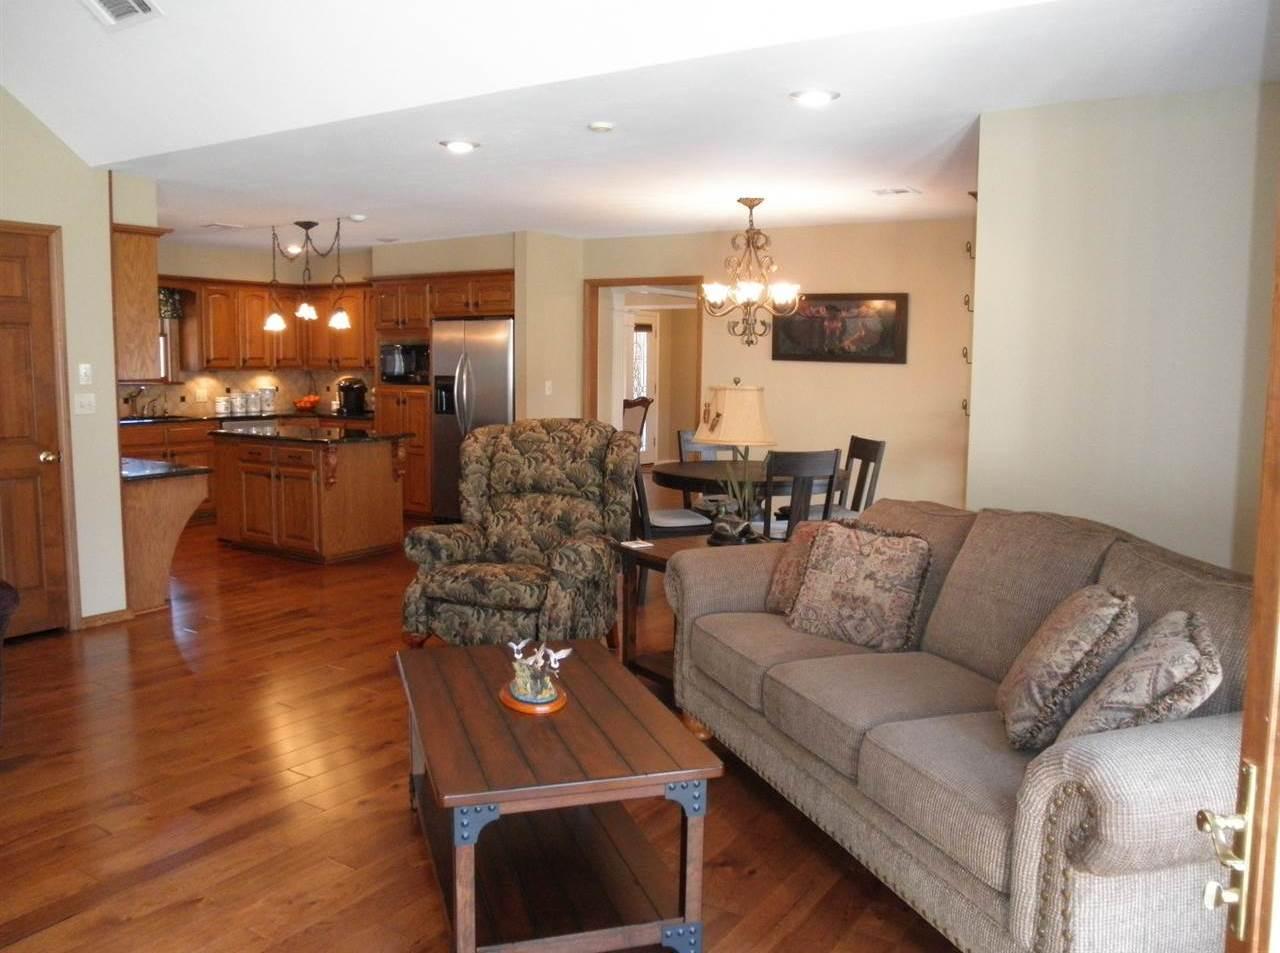 Sold Cross Sale W/ MLS | 15 Sherman Lane Ponca City, OK 74604 9